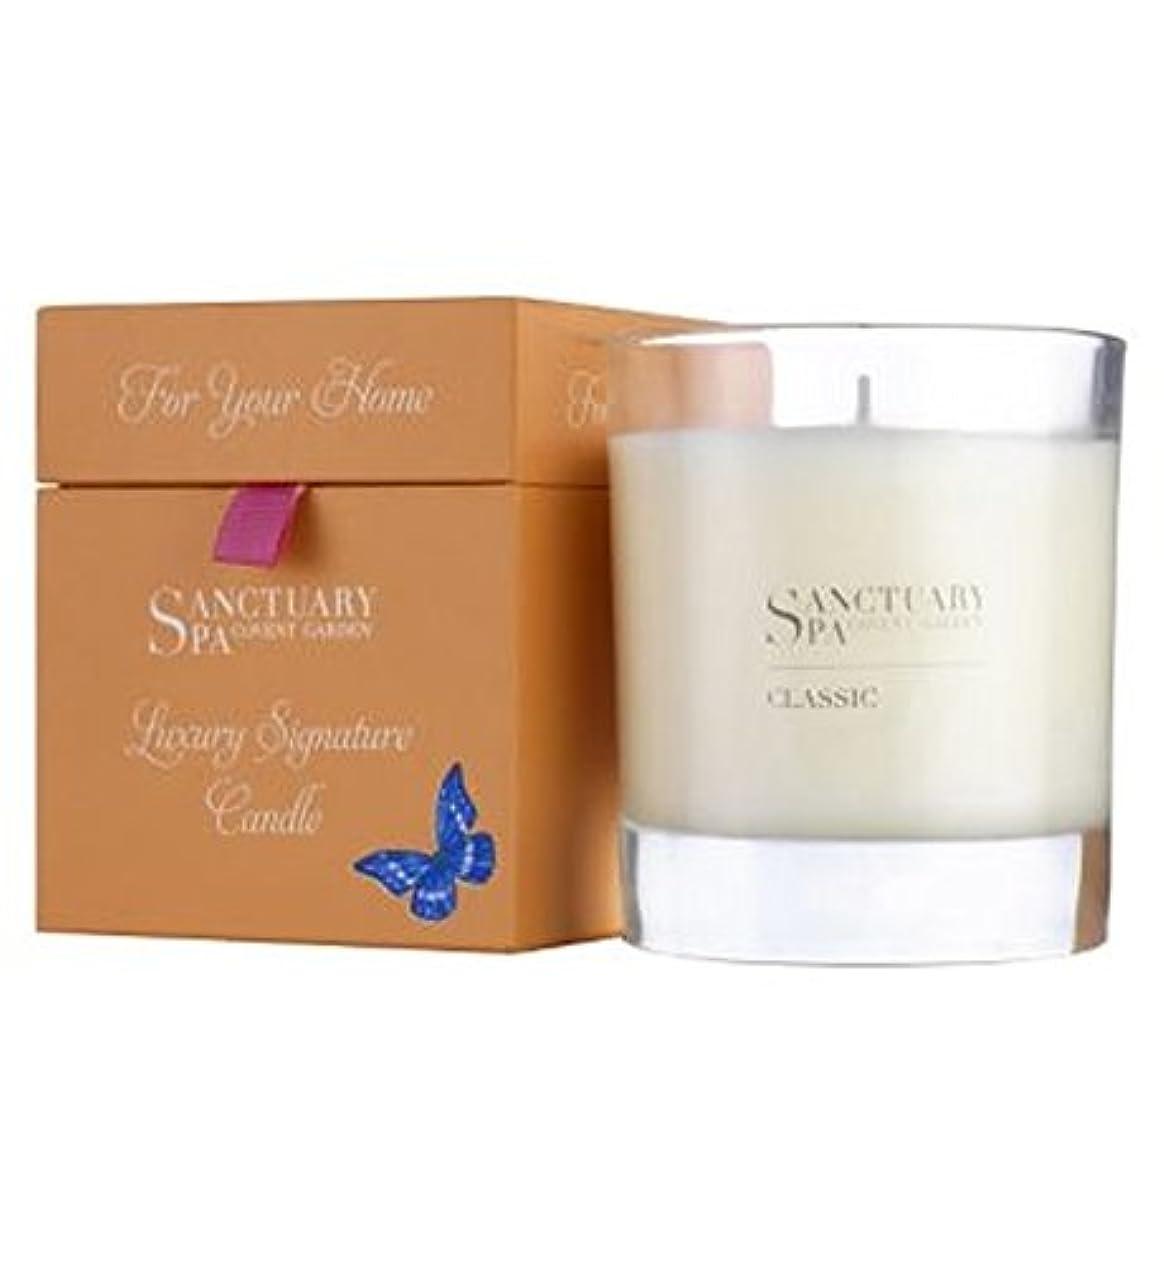 ボックスエンディングさまよう聖域のクラシックフレグランスキャンドル (Sanctuary) (x2) - Sanctuary Classic Fragranced Candle (Pack of 2) [並行輸入品]